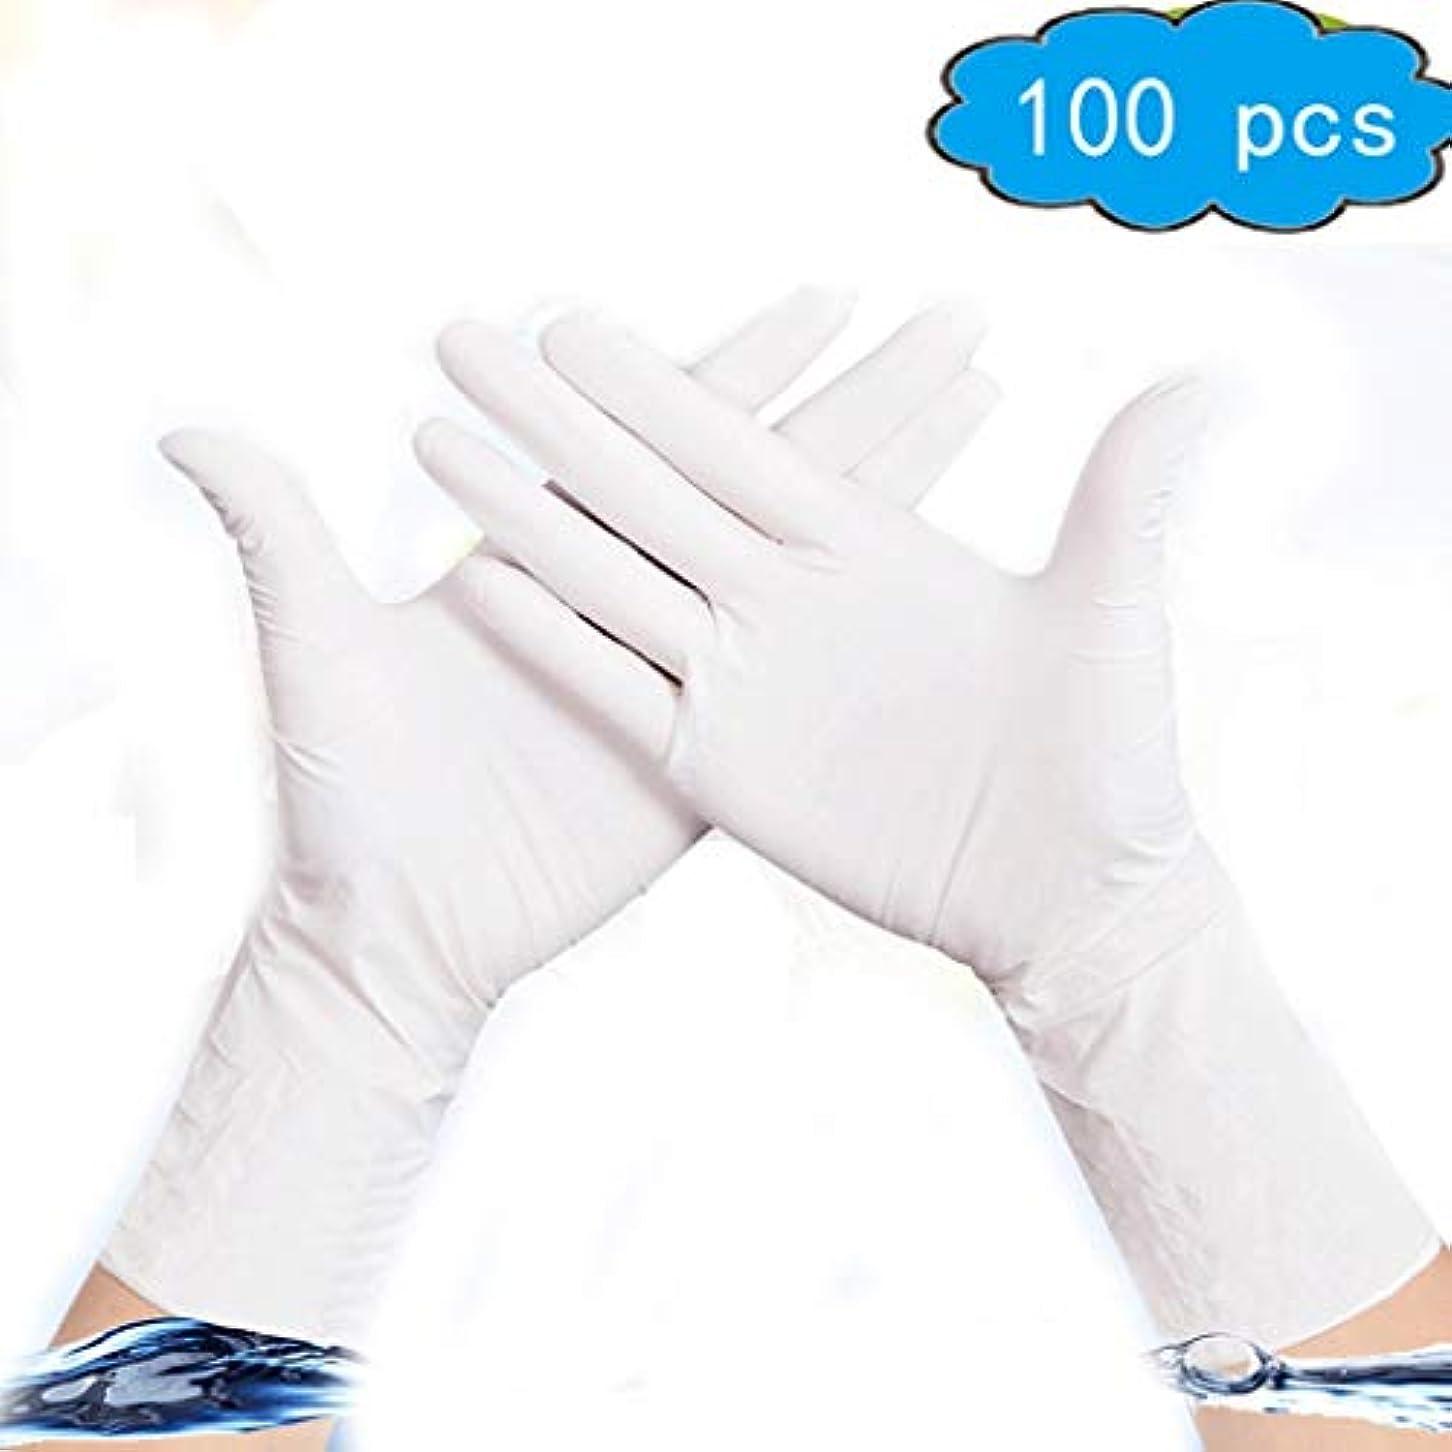 槍サイズ慣性使い捨てニトリル手袋、無粉末、滑らかな肌触り、食品グレード、非滅菌[100パック]、サニタリー手袋、家庭用品、ツール&ホームインプルーブメント (Color : White, Size : XS)